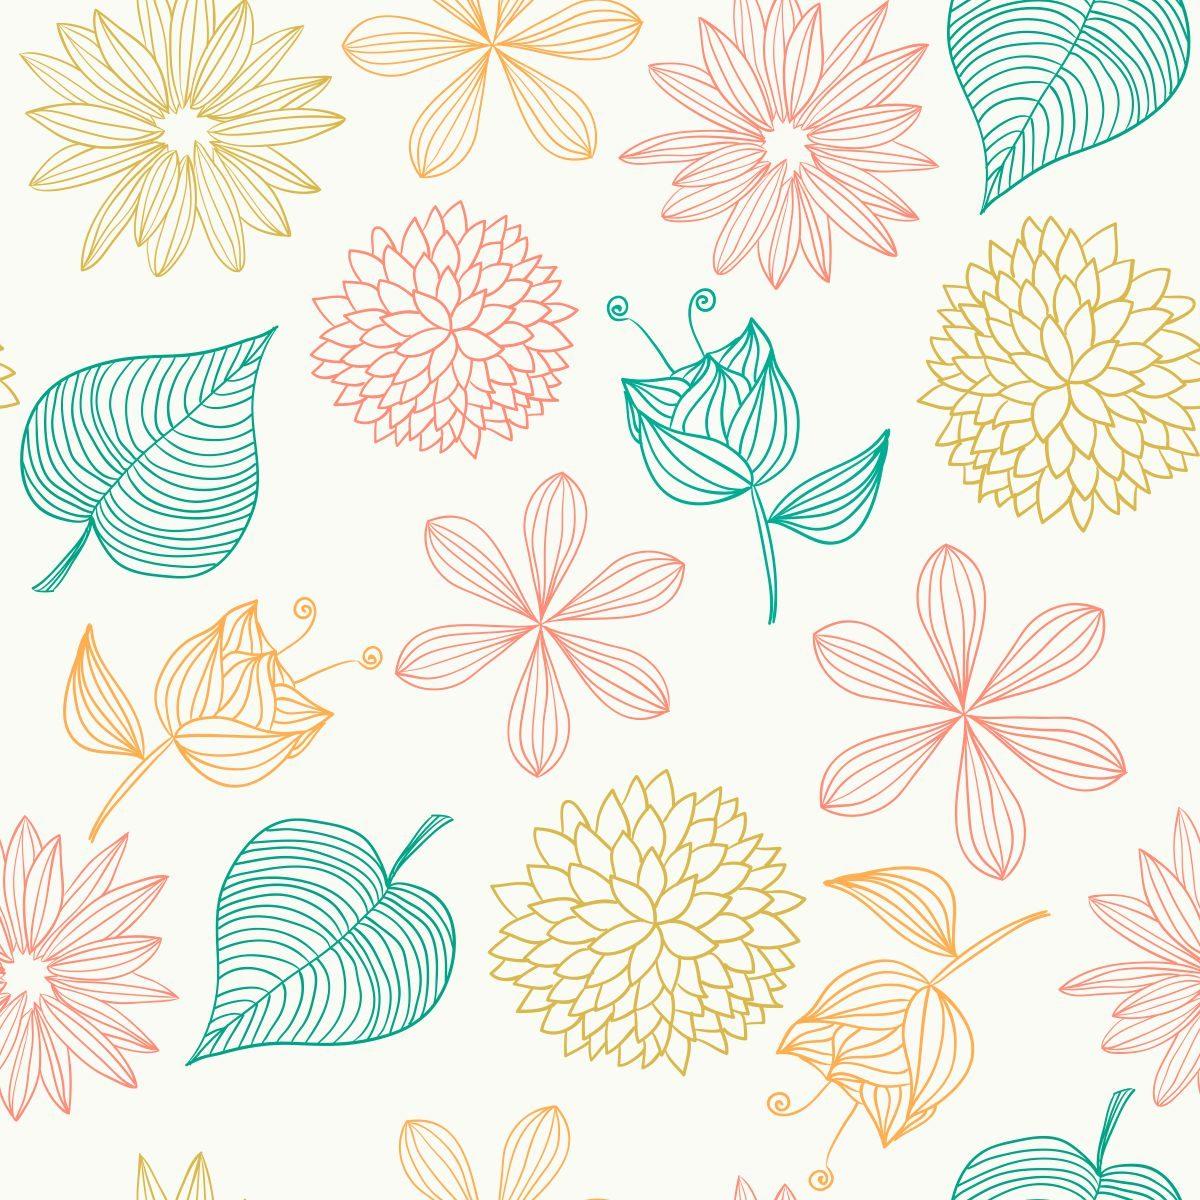 Papel De Parede Sala E Quarto Folhas E Flores Coloridas Ades R 69  -> Papel De Parede Para Sala Folhas